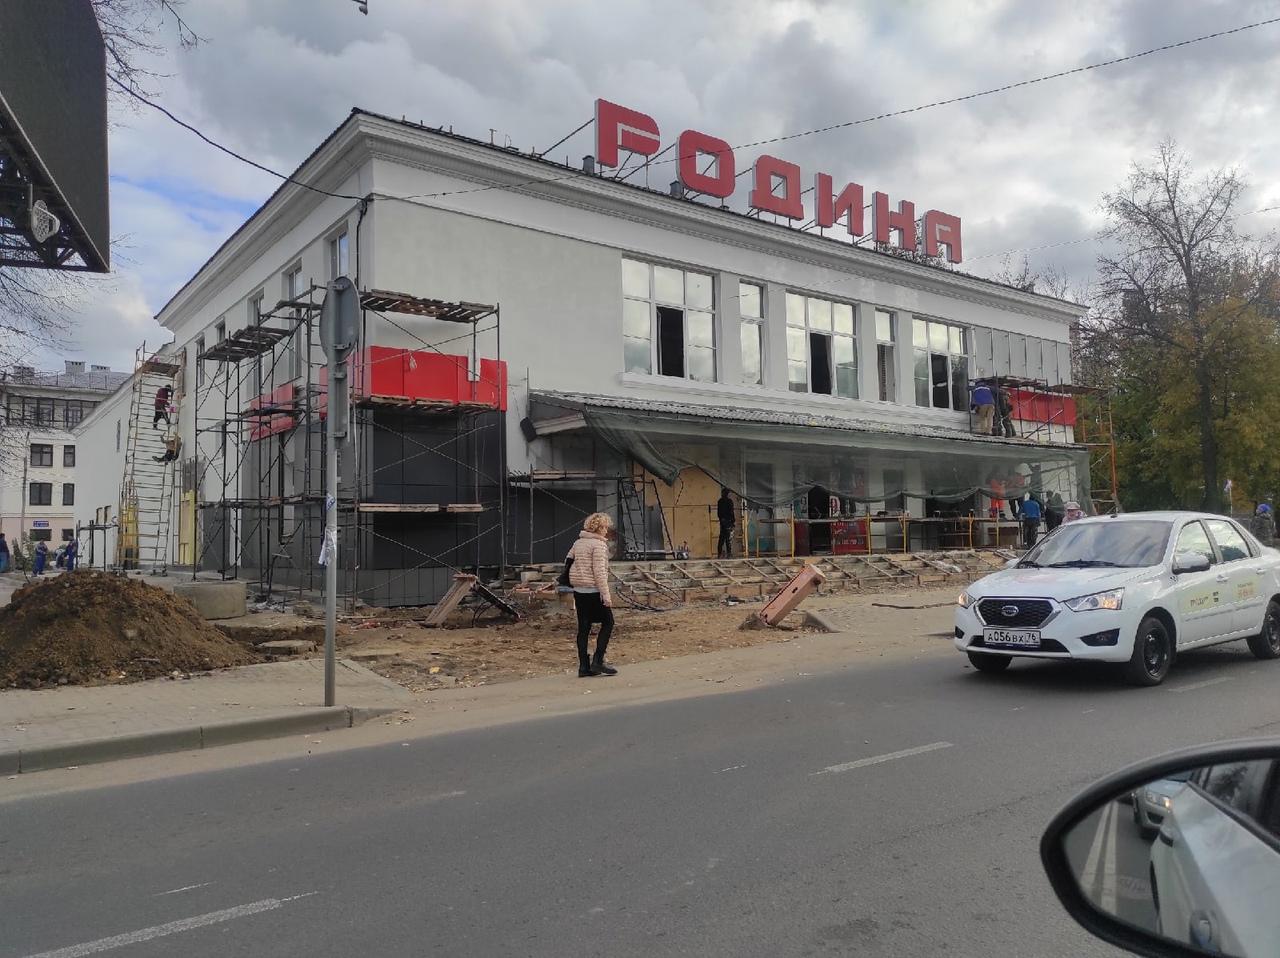 В Ярославле в здании бывшего кинотеатра «Родина» откроется ресторан быстрого питания